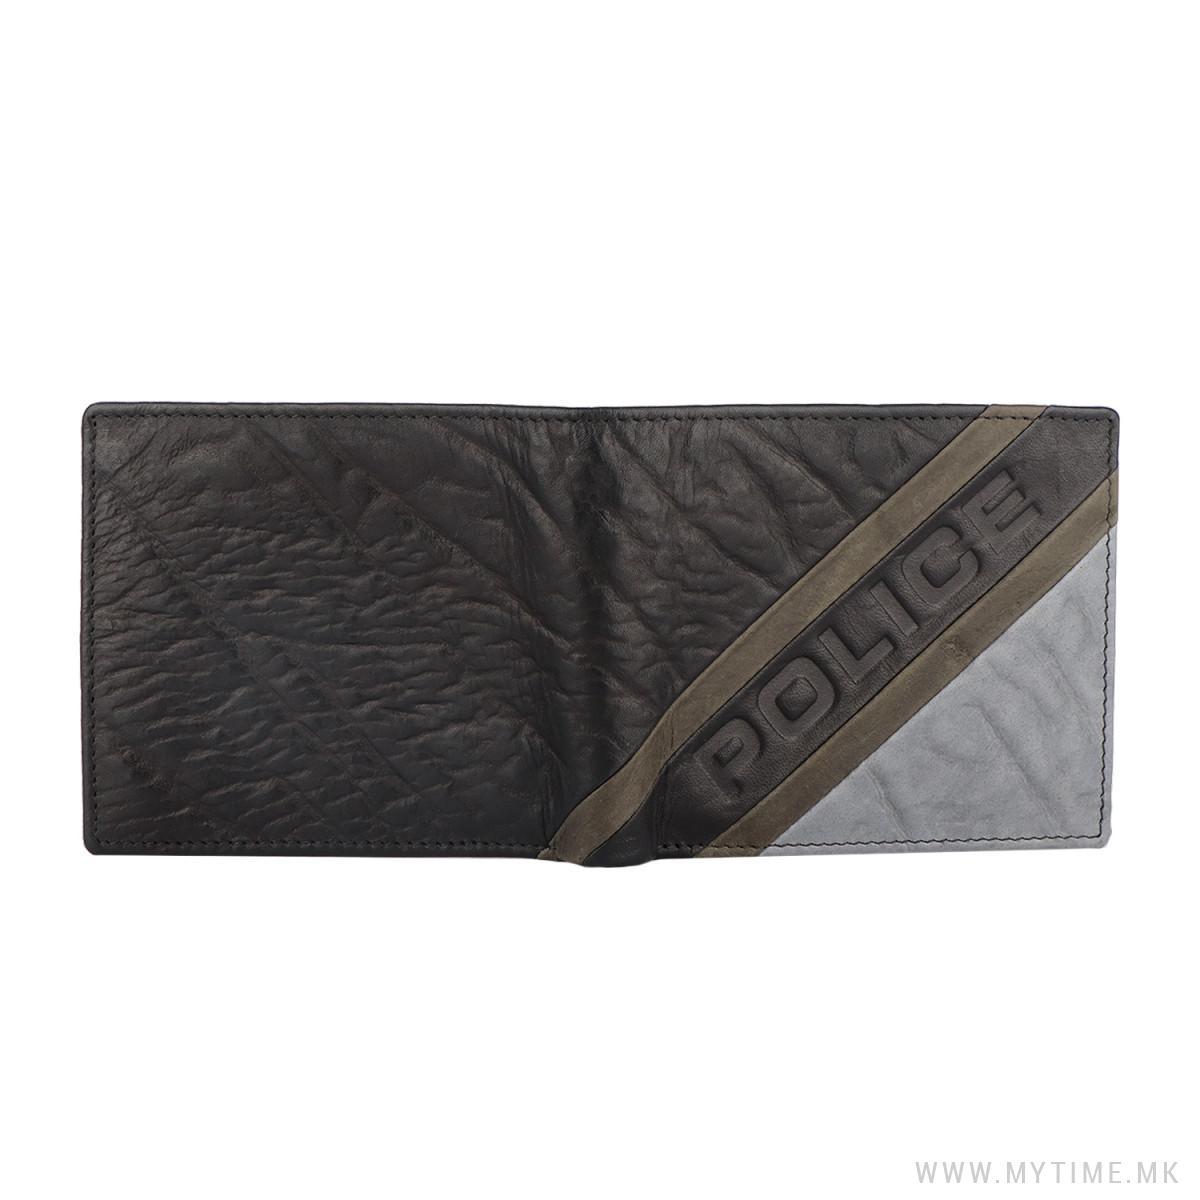 PT3018121_5-152 FACADE